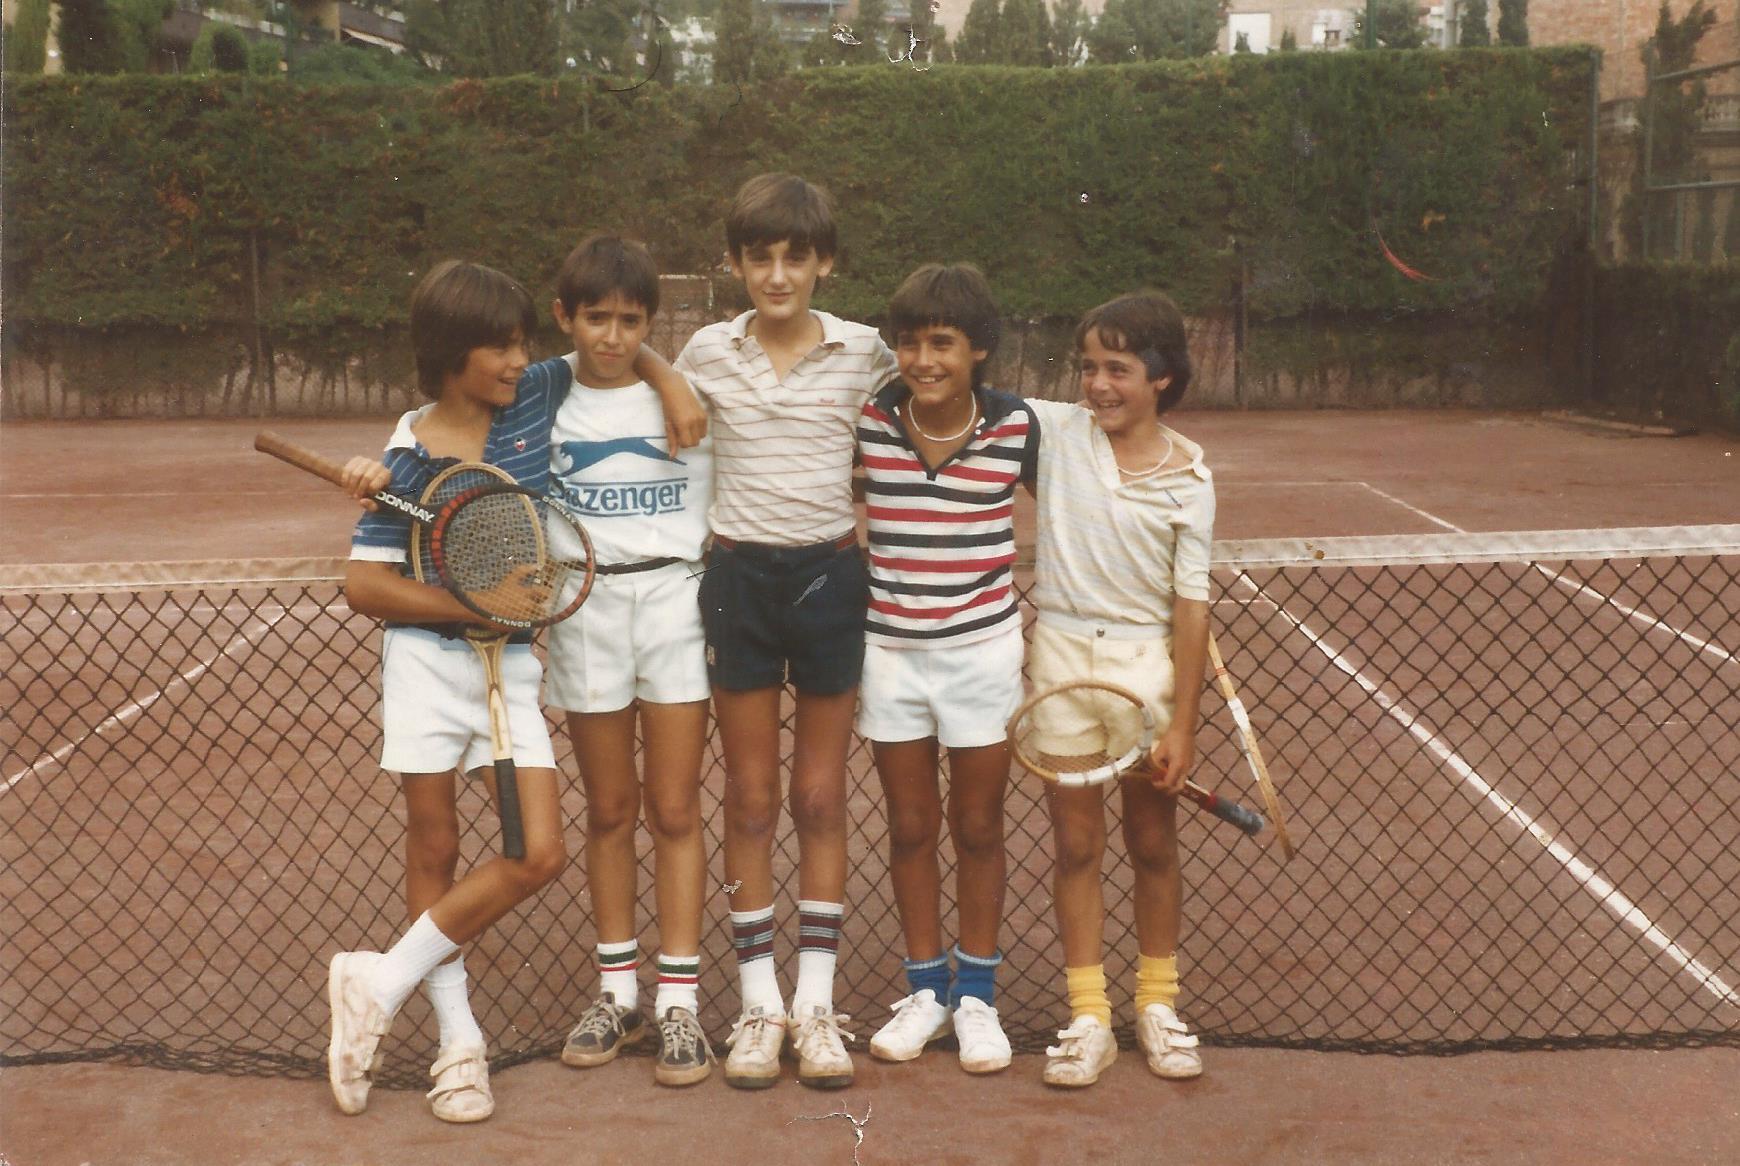 Alguno de los cinco soy yo (se admiten apuestas). El primero por la derecha es Alex Corretja, que llegaría al top ten de la ATP. Imagen tomada en el Club de Tenis La Salud de Barcelona, en 1981 (creo).